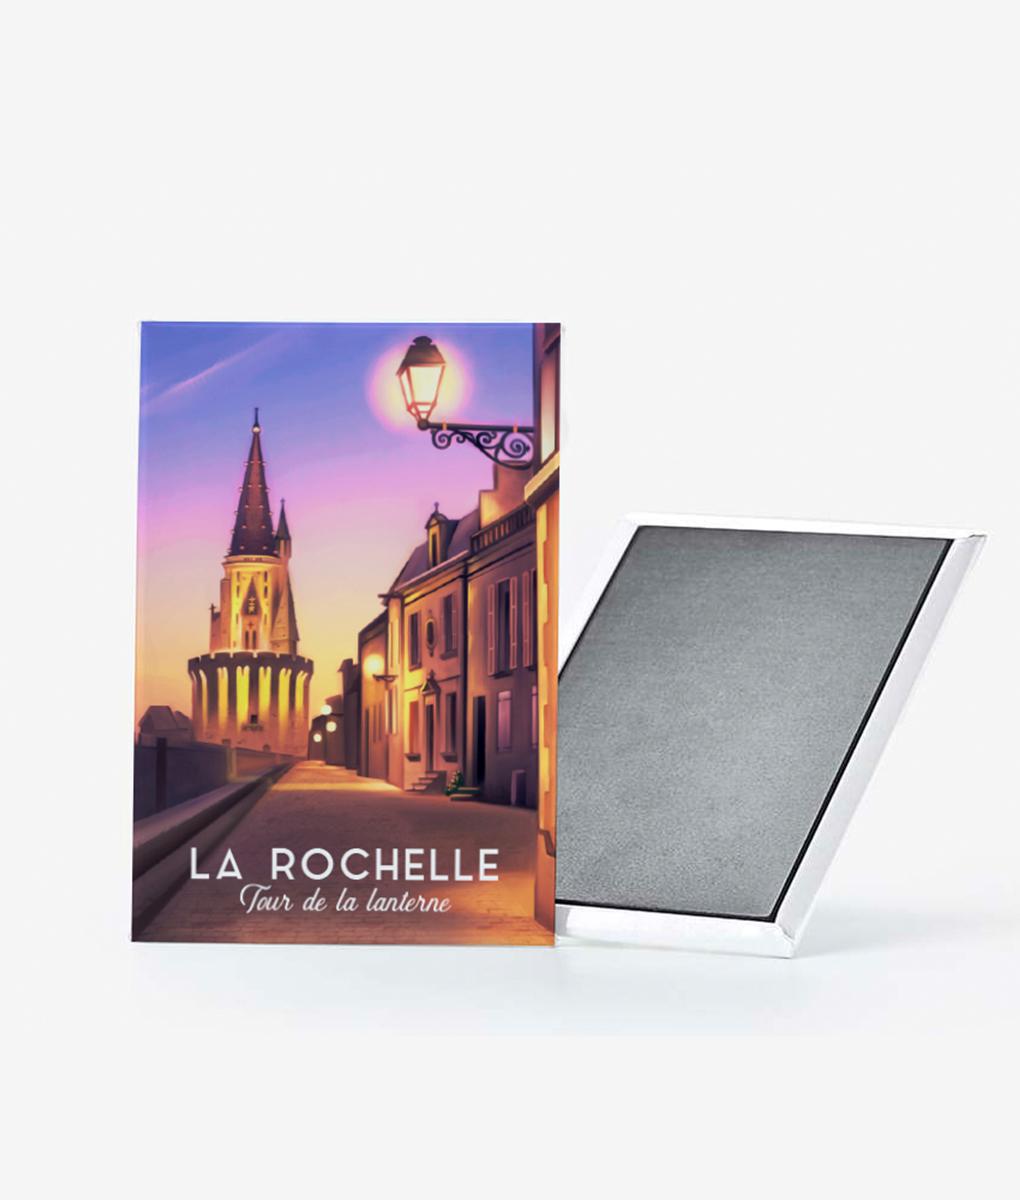 Un magnet vintage de la tour de la lanterne de La Rochelle